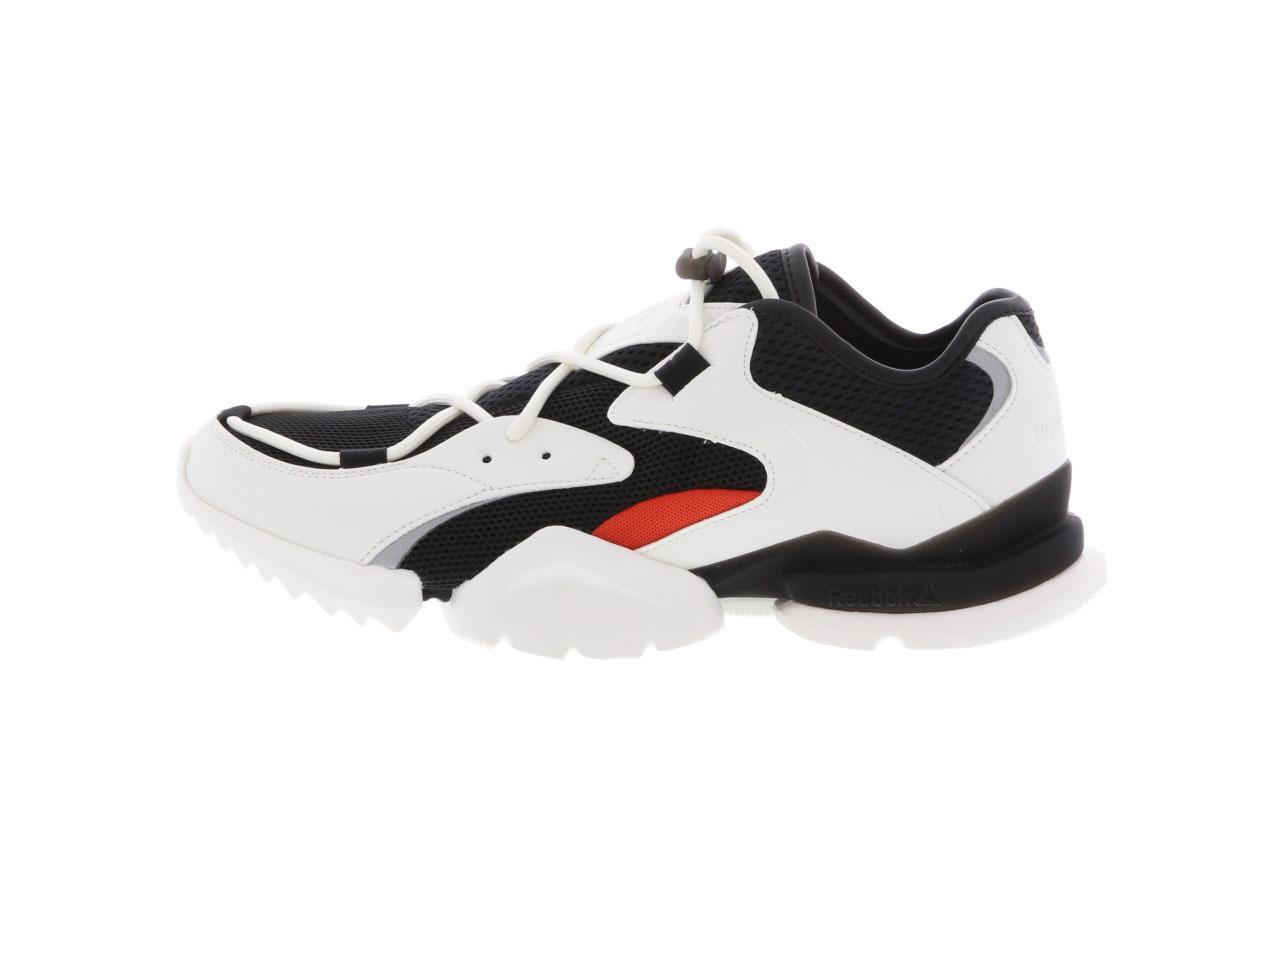 【全品ポイント10倍!期間限定★今すぐエントリー!(4/1~4/30)】Reebok RUN R96(CN7900)【リーボック】【メンズファッション】【シューズ】【スニーカー】【靴】【フットウェア】